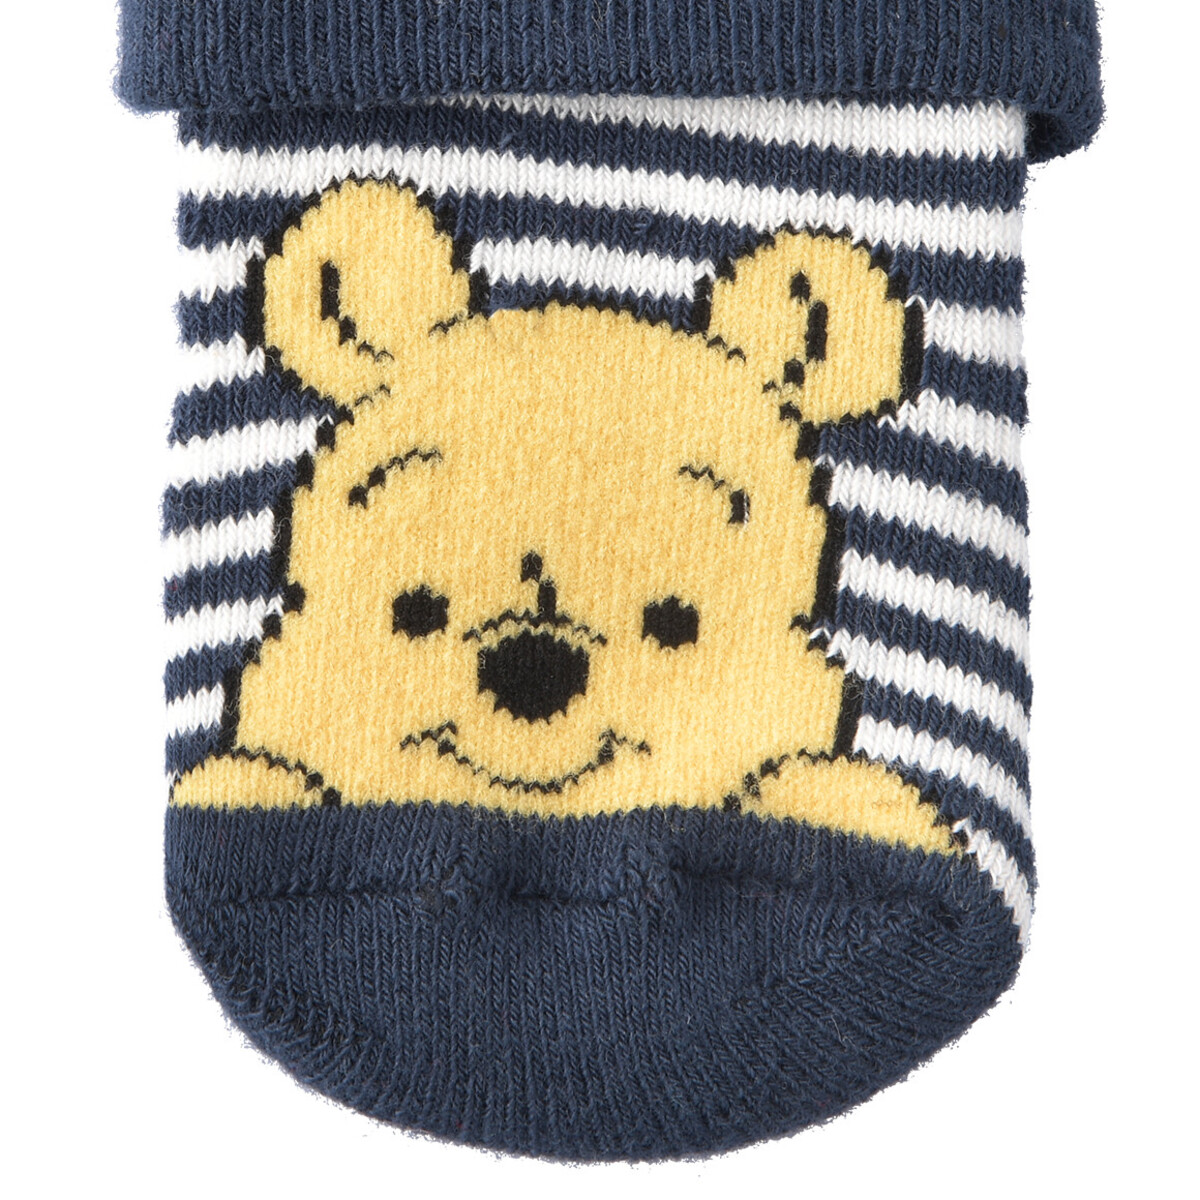 Bild 5 von 2 Paar Winnie Puuh Socken im Set